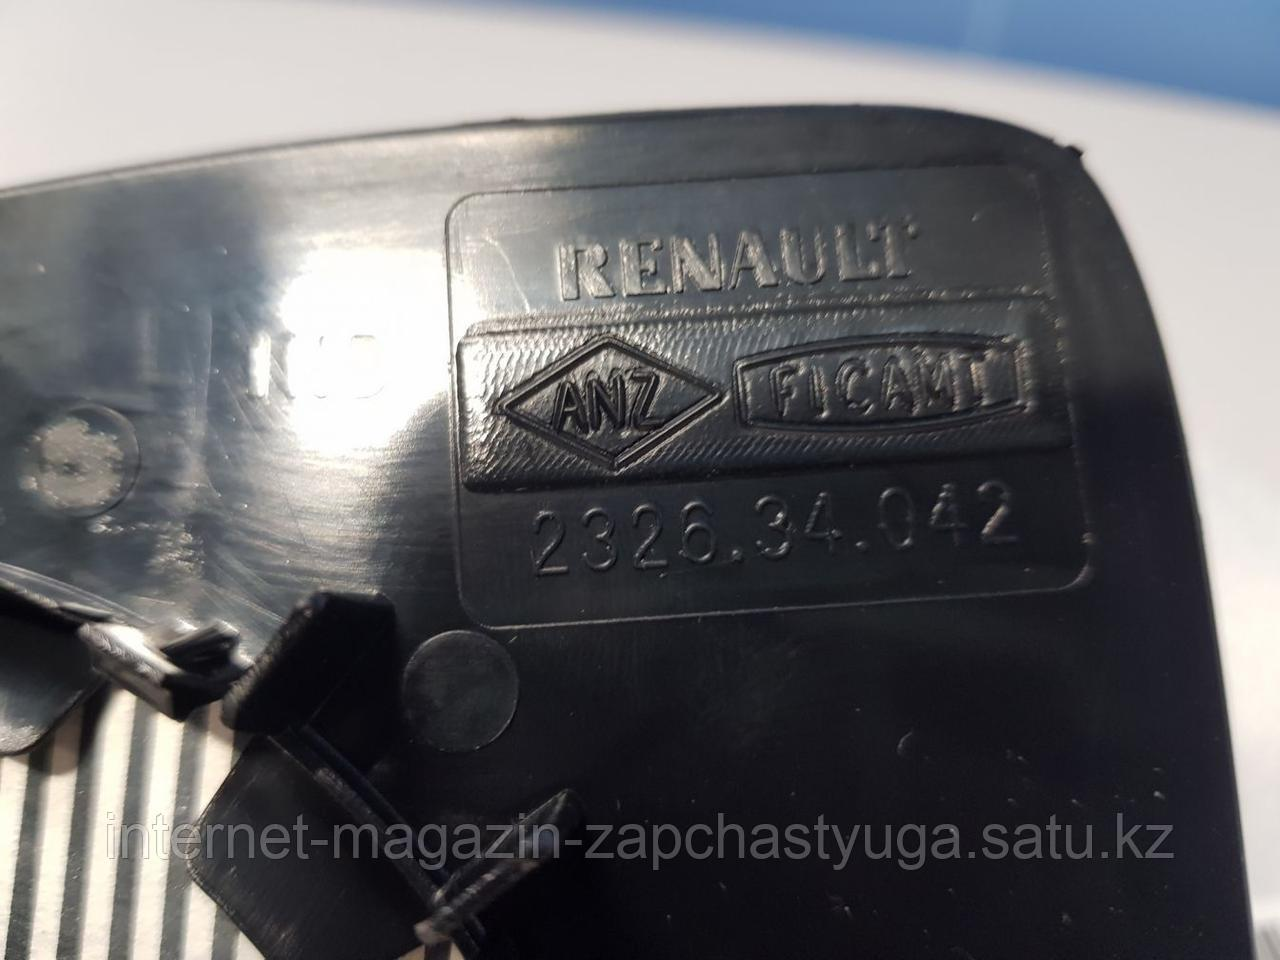 963659182R Зеркальный элемент правый для Renault Logan 2 2014- Б/У - фото 3